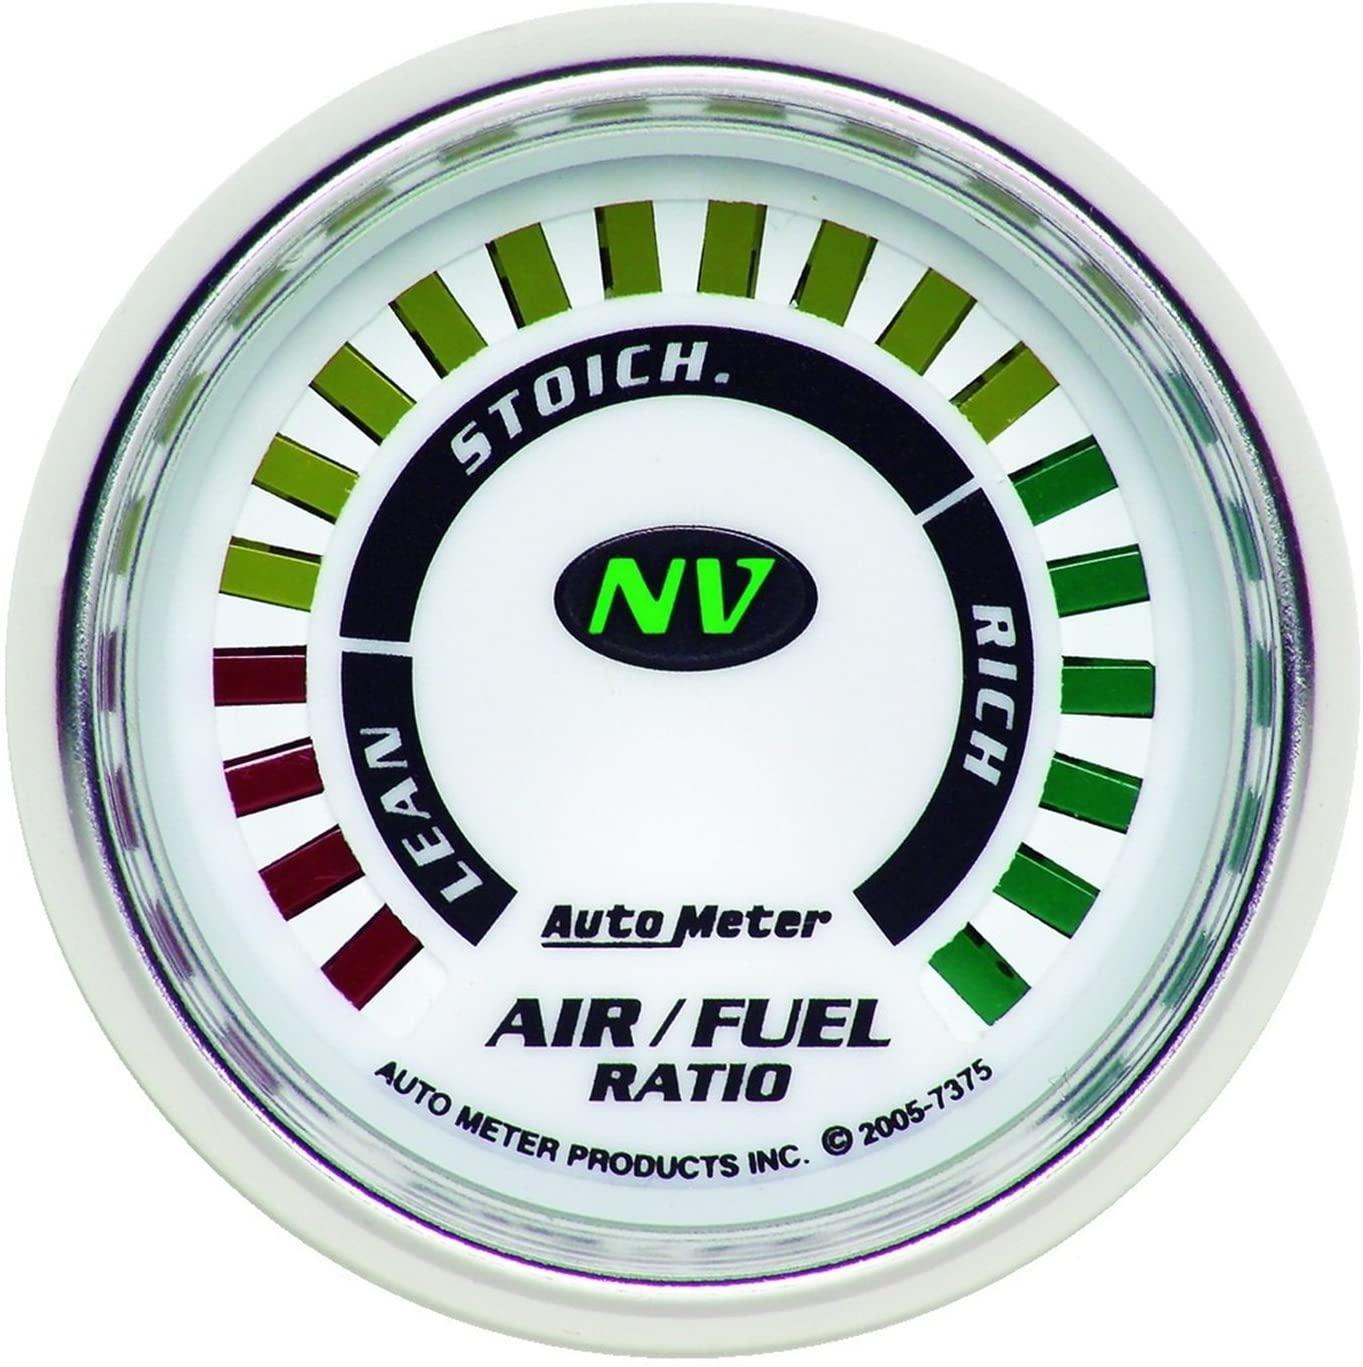 Auto Meter 7375 NV Digital Air / Fuel Pressure Gauge